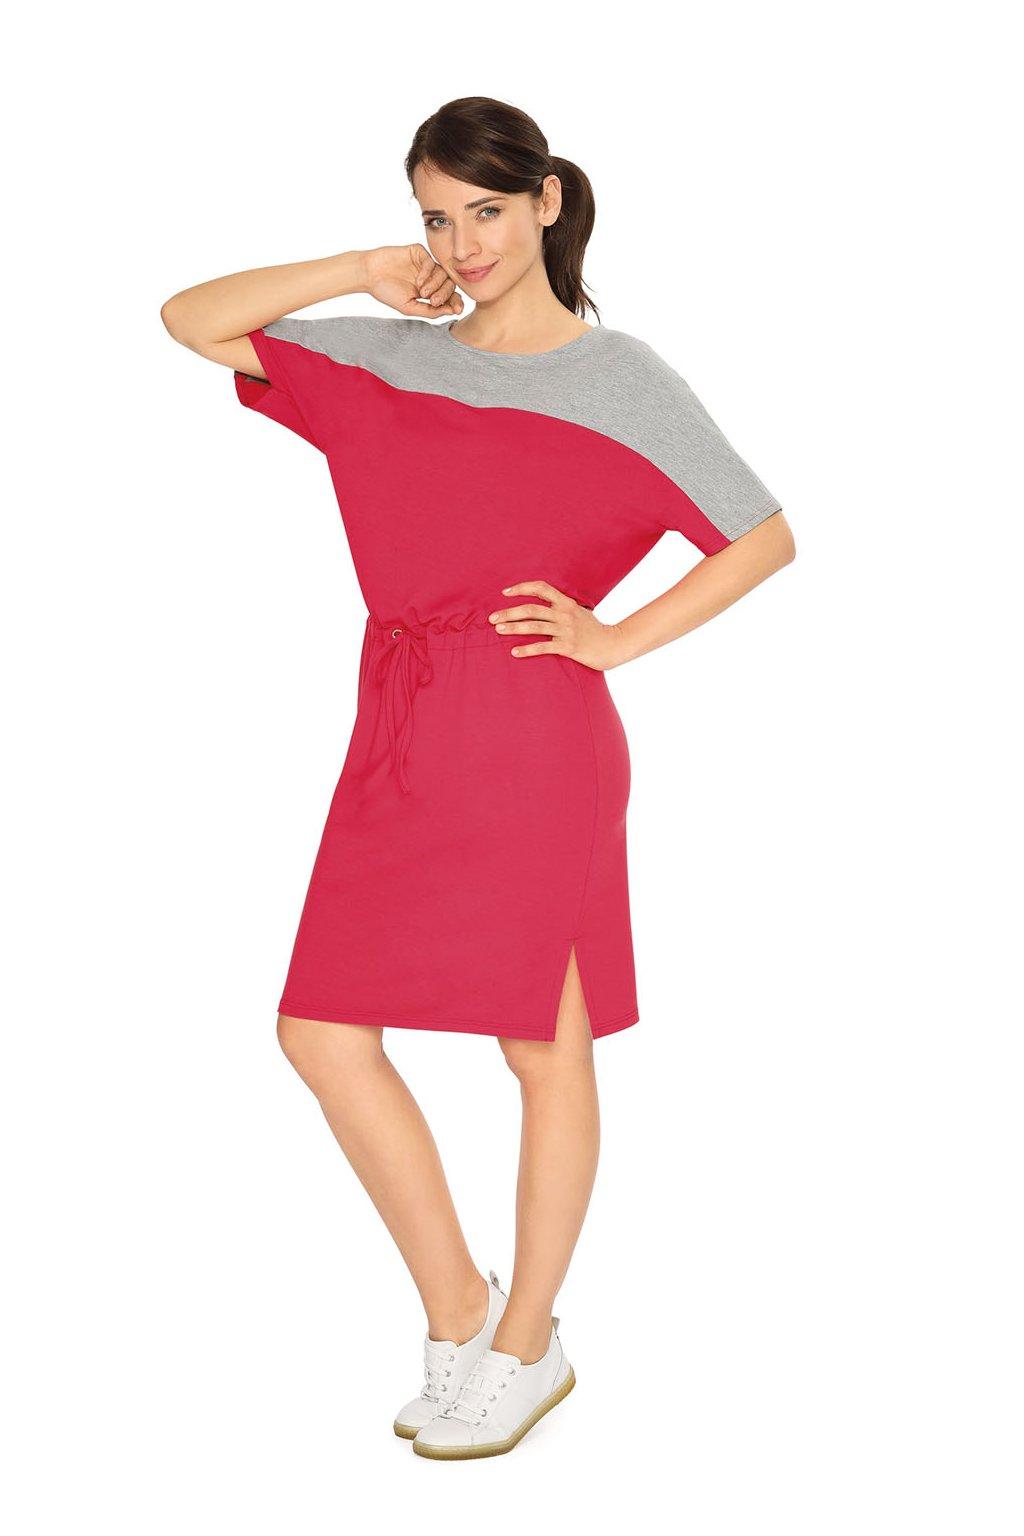 Dámské šaty s krátkým rukávem, 105121 221, červená